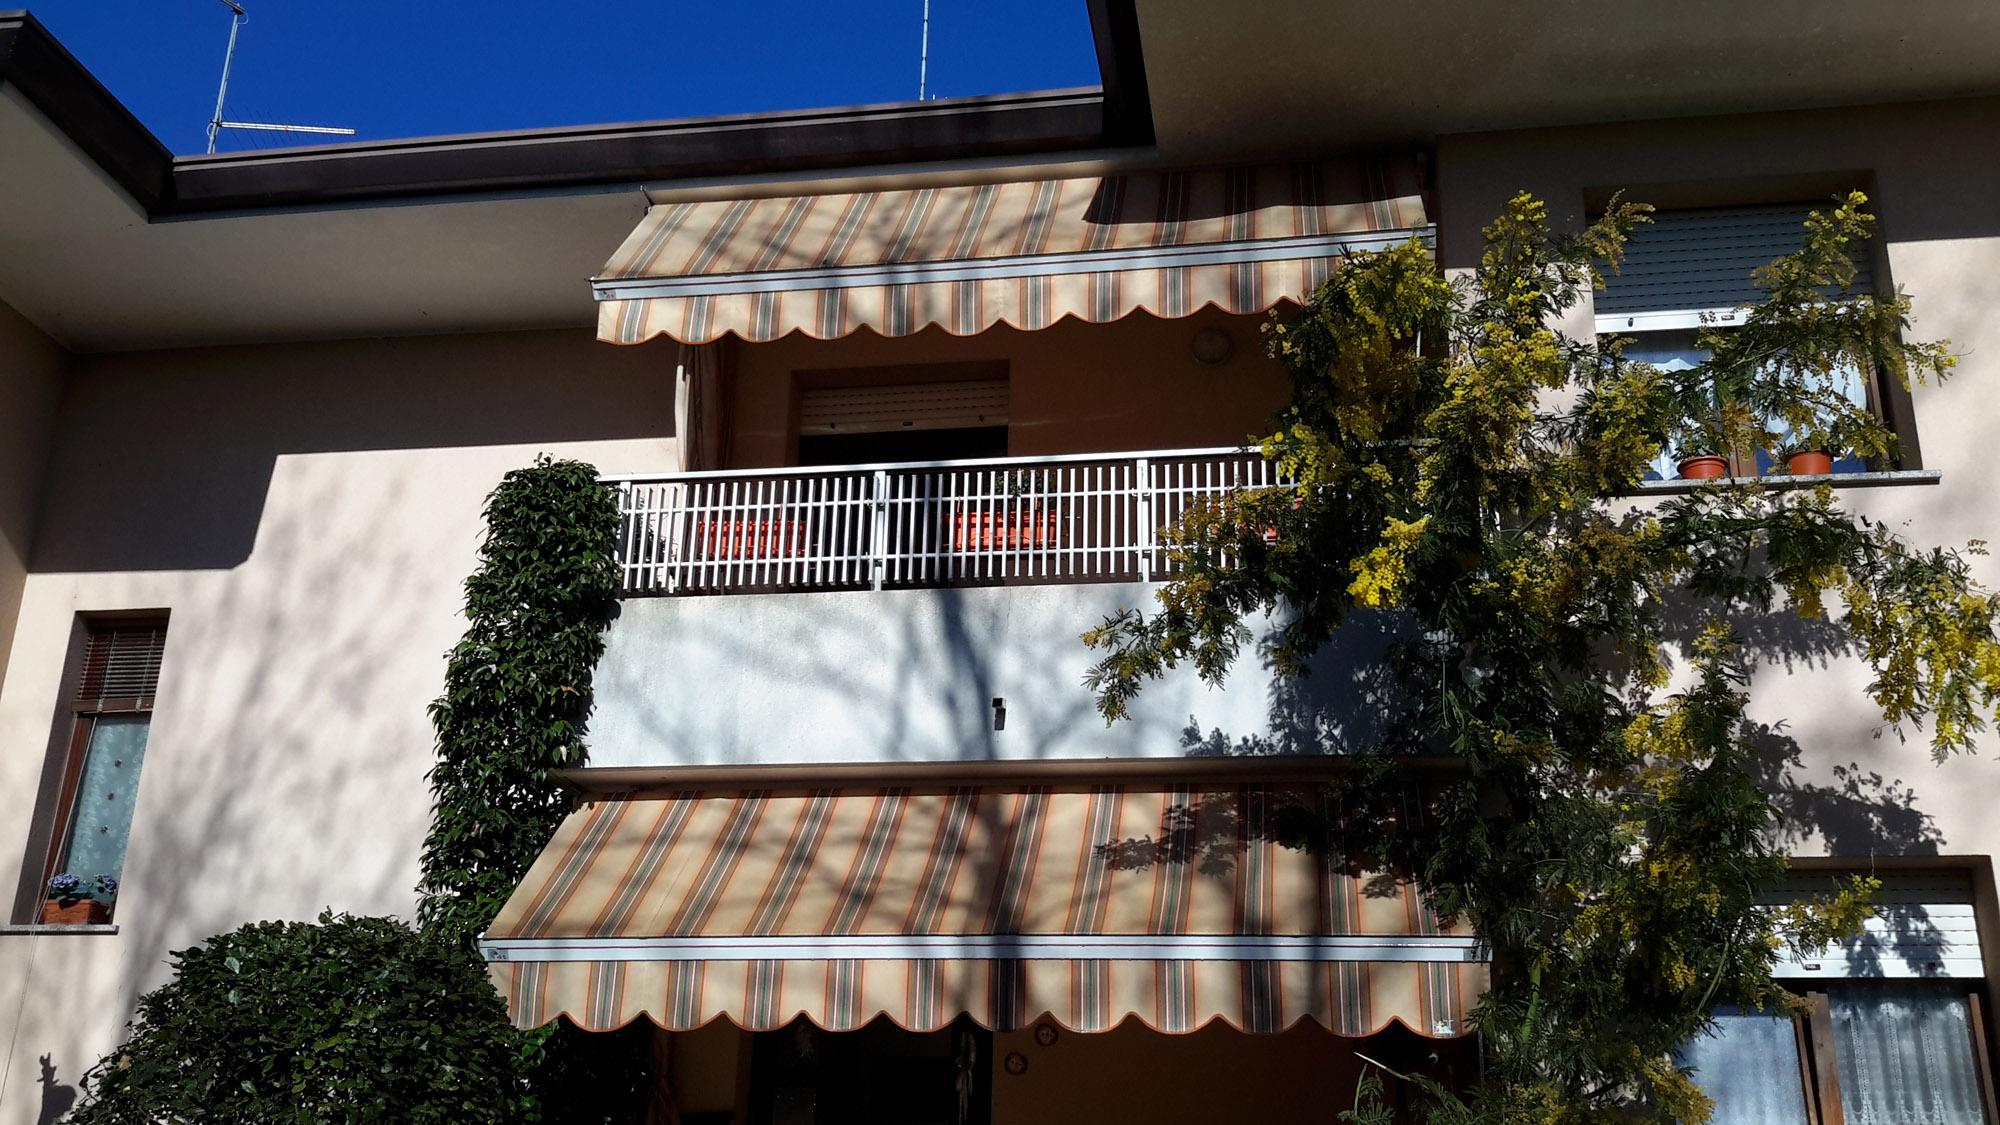 Casa privata plaino di pagnacco udine lavaggio tende for Casa moderna udine 2015 orari